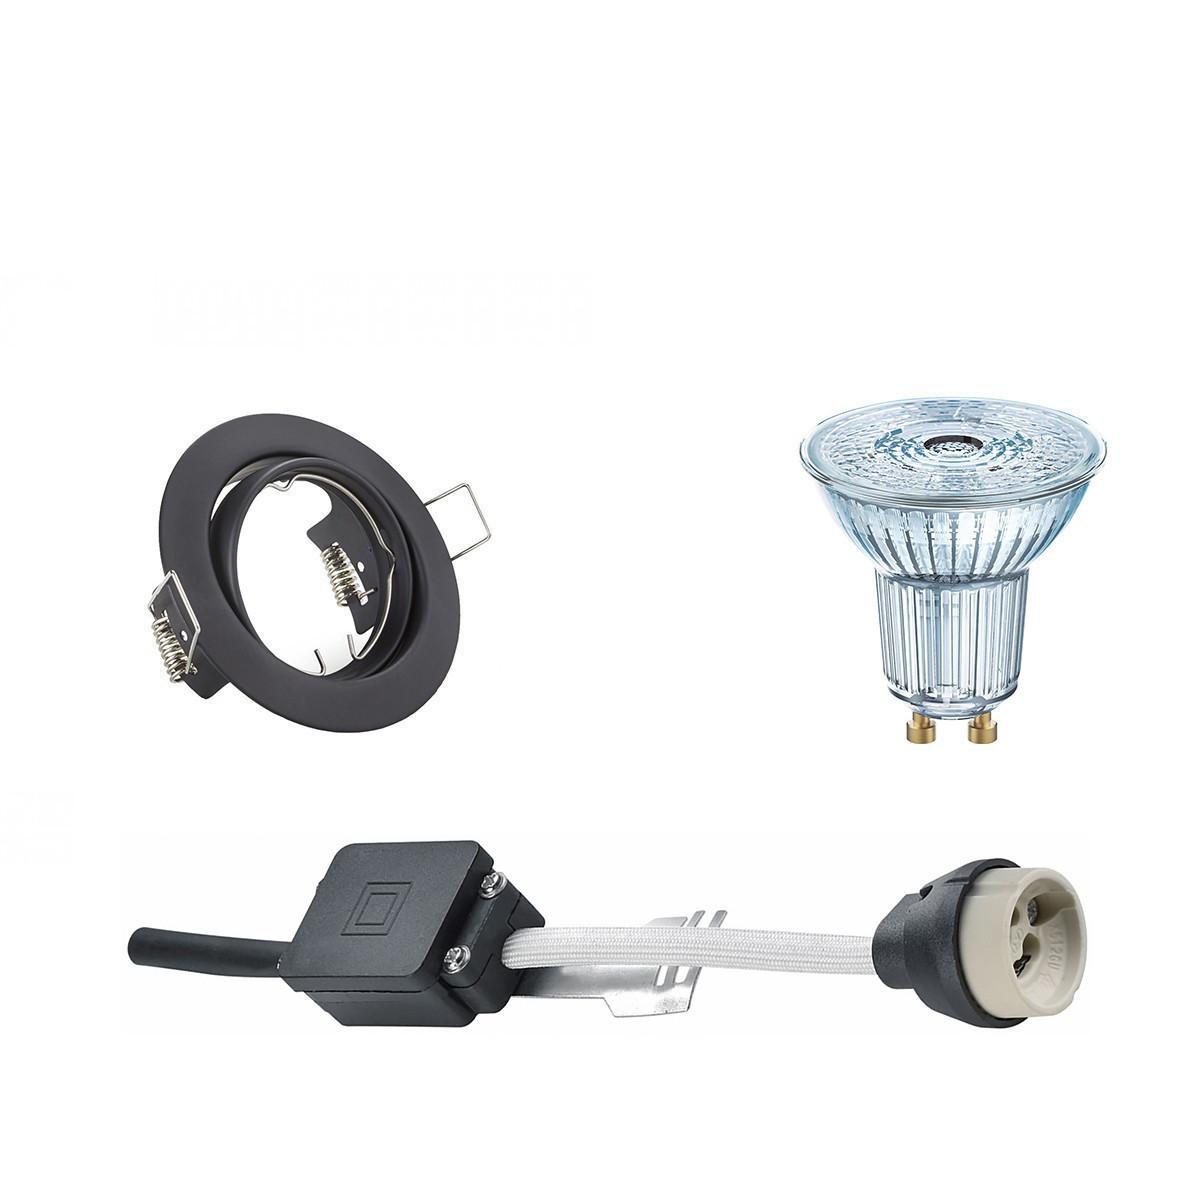 OSRAM - LED Spot Set - Parathom PAR16 927 36D - GU10 Fitting - Dimbaar - Inbouw Rond - Mat Zwart - 5